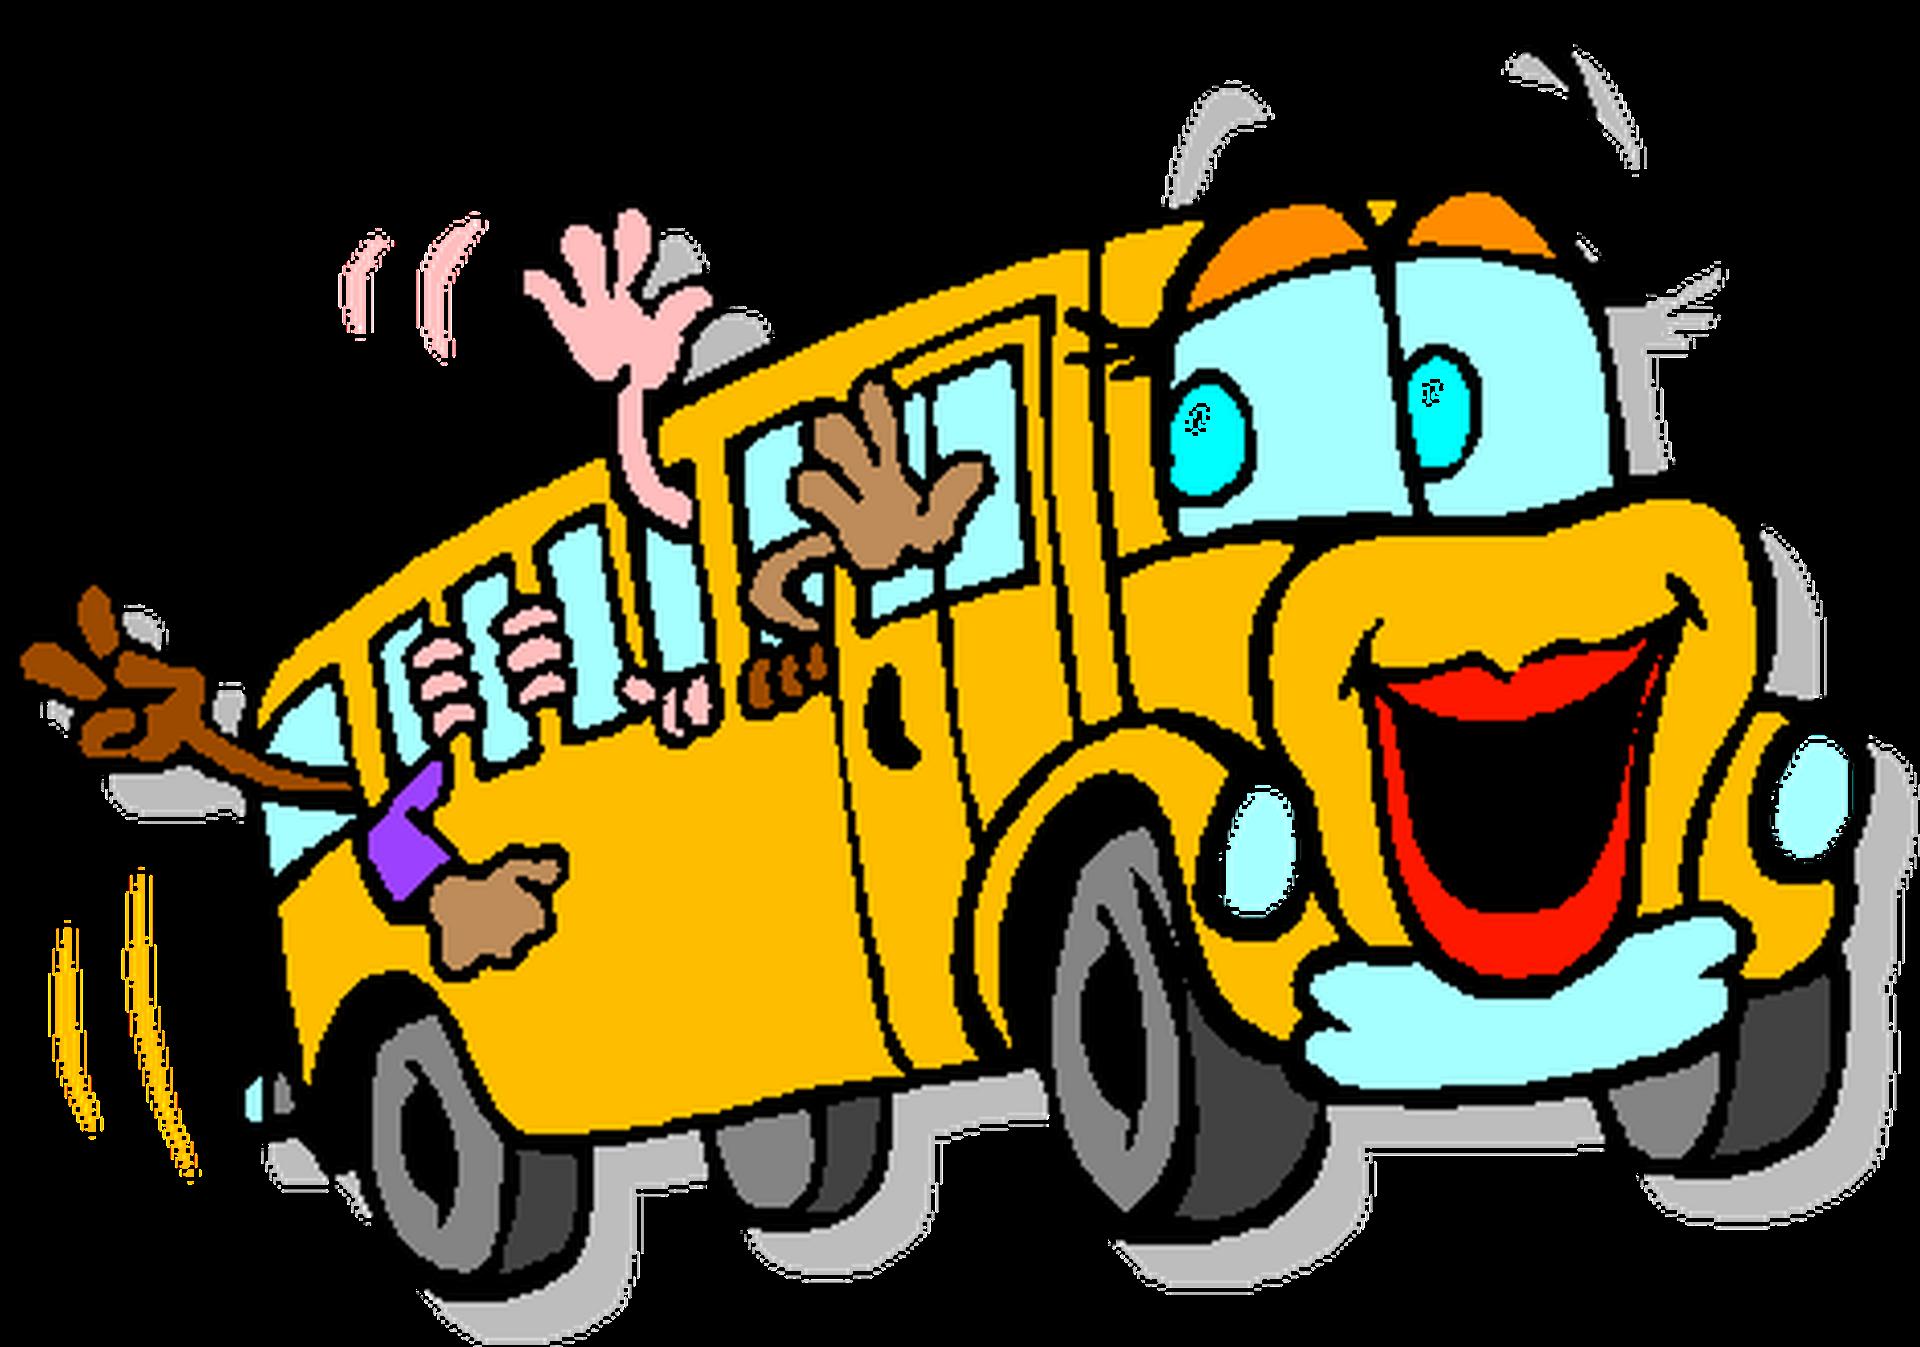 Ausflug Mit Dem Bus PNG